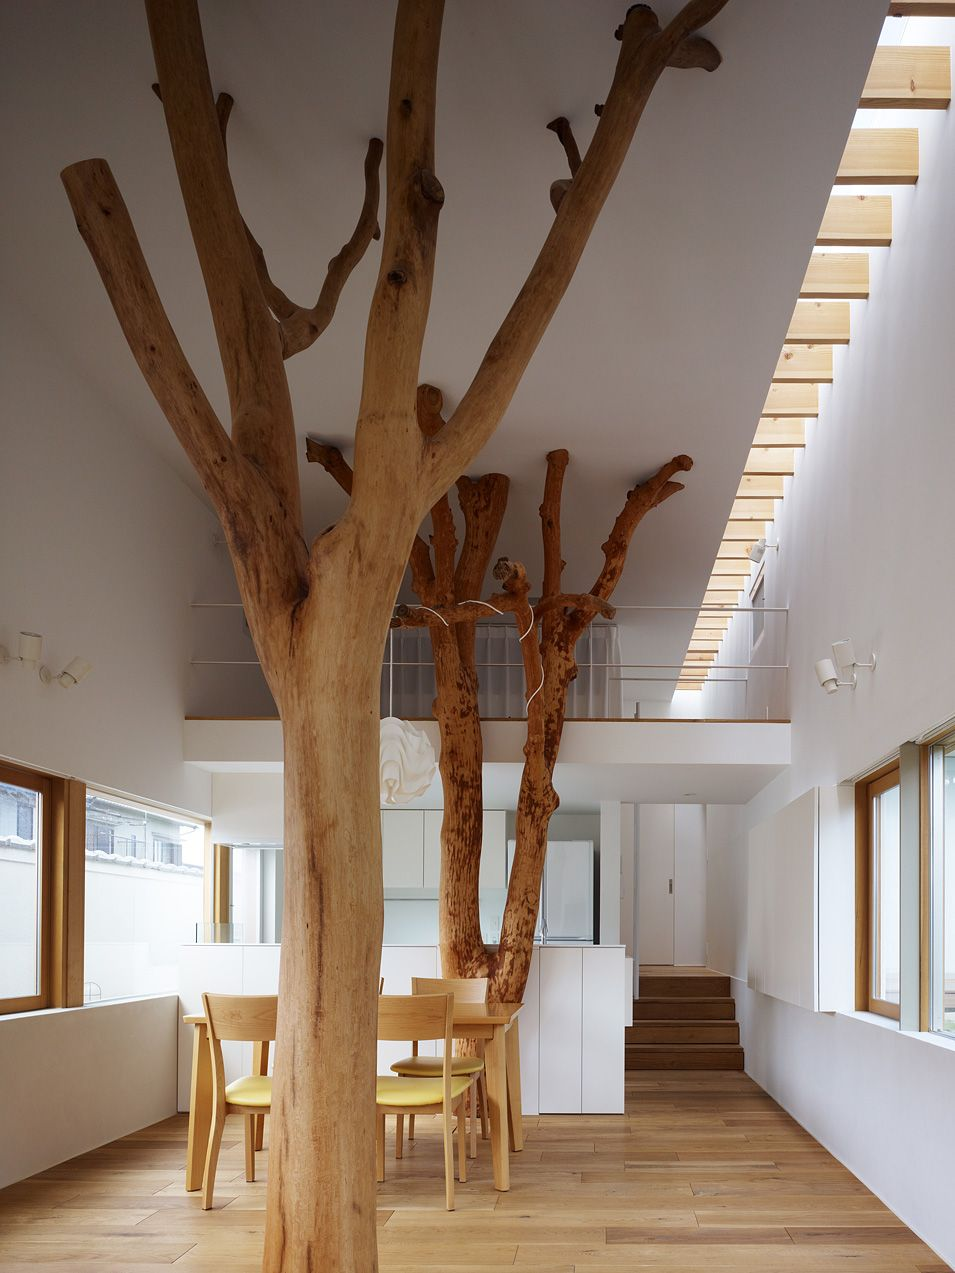 Architekturkonzept Für Ein Etwas Anderes Baumhaus   Gärten, Haus ... Wendeltreppe Um Einen Baum Baumahus